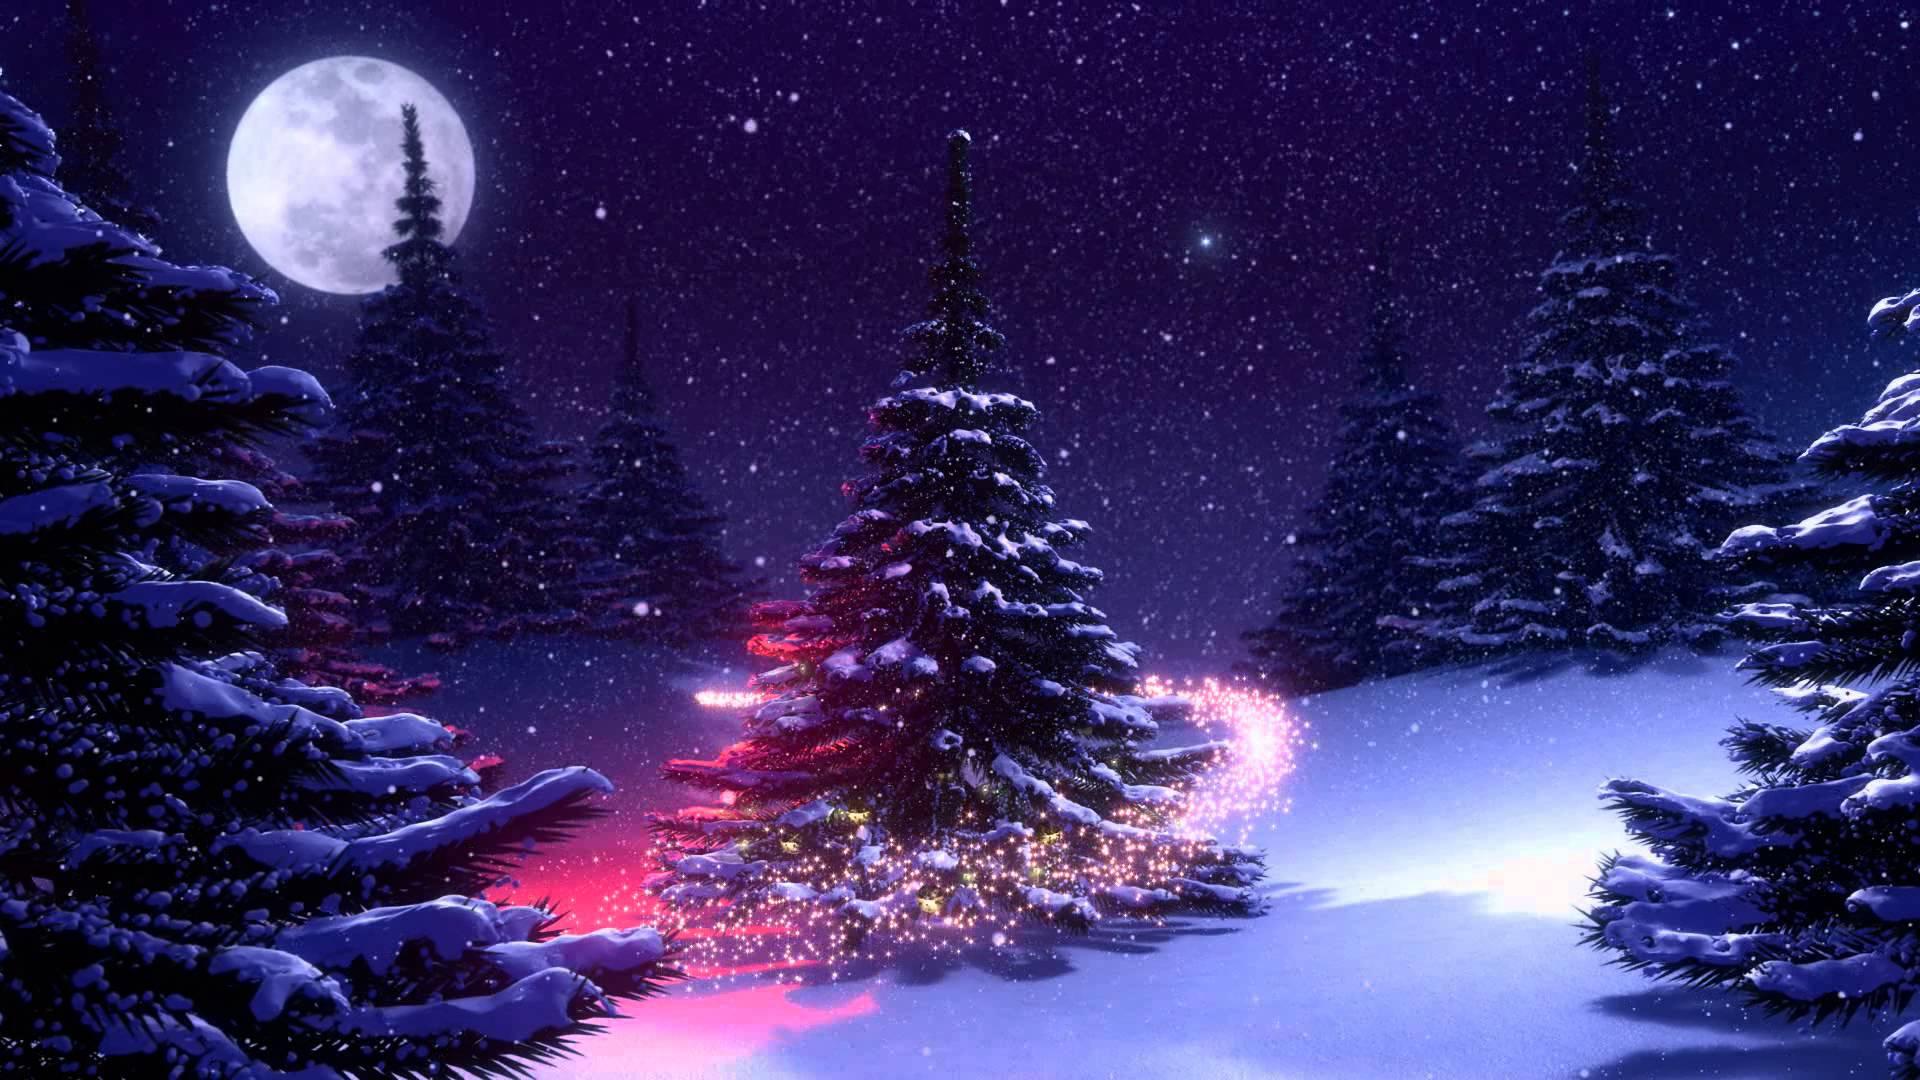 Fondos de navidad animados fondos de pantalla - Nieve para arbol de navidad ...